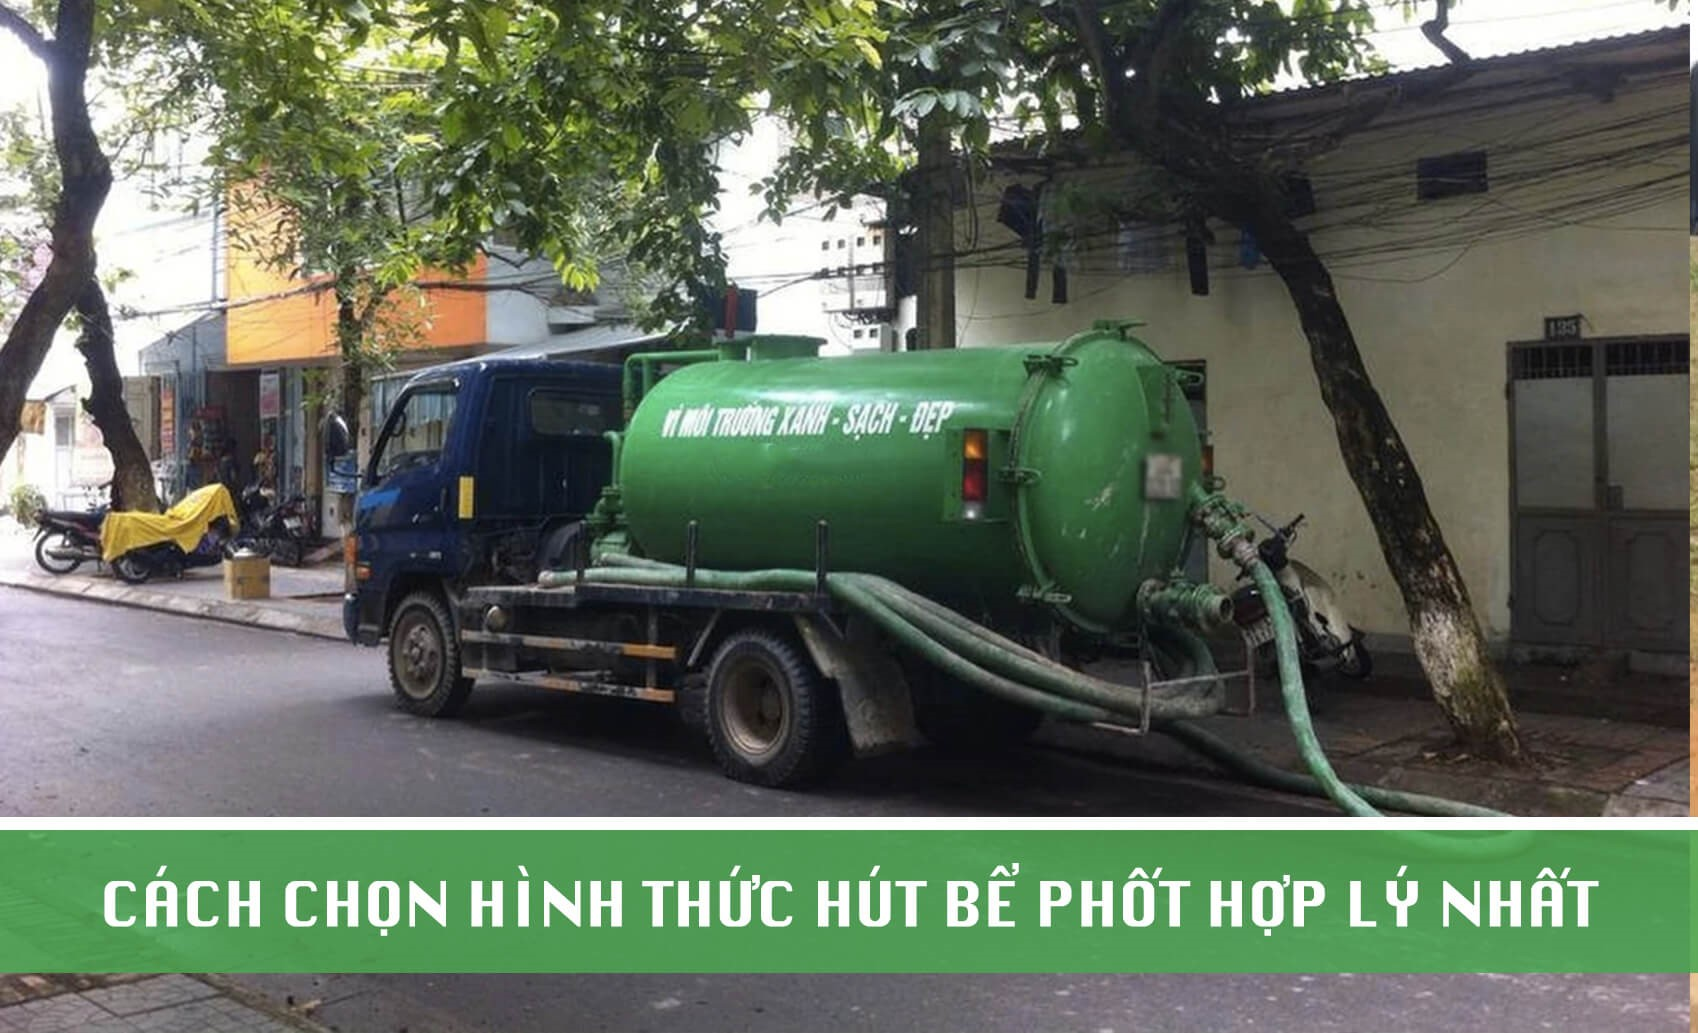 Lựa chọn hình thức hút bể phốt tại Bắc Ninh hợp lý